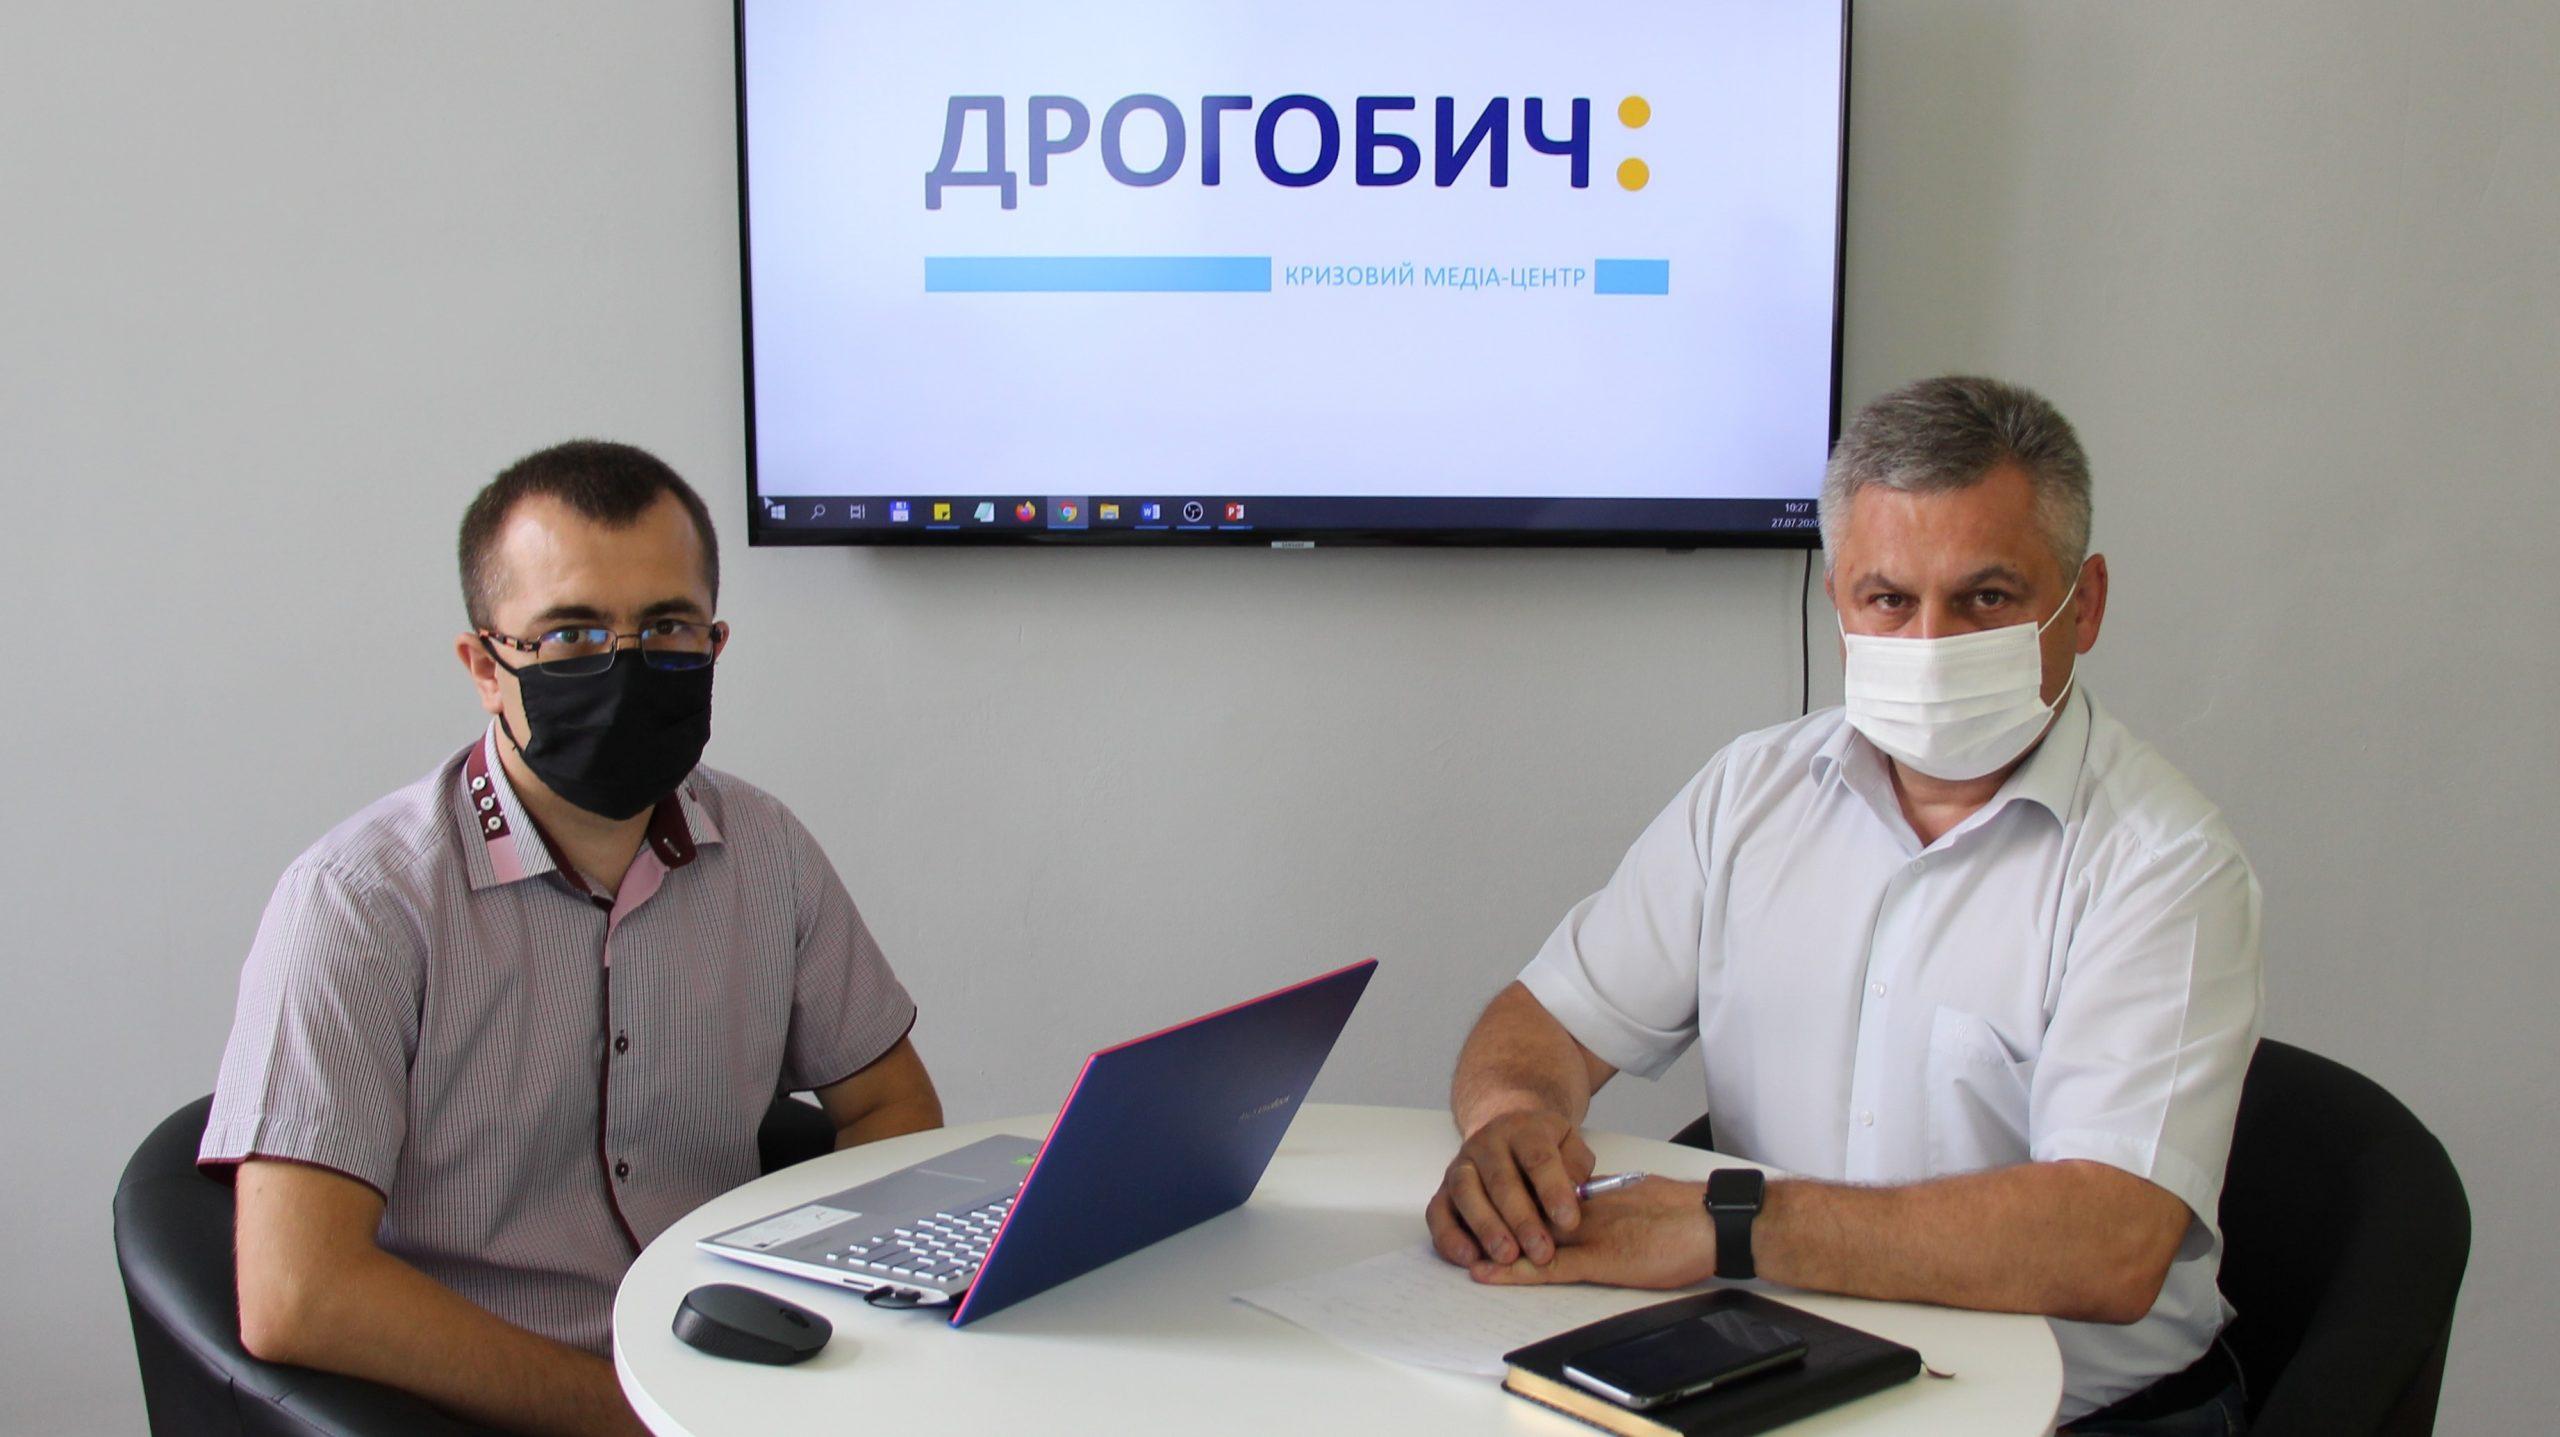 КМЦ «Дрогобич:». Кількість потенційно уражених COVID-19 стрімко зросла